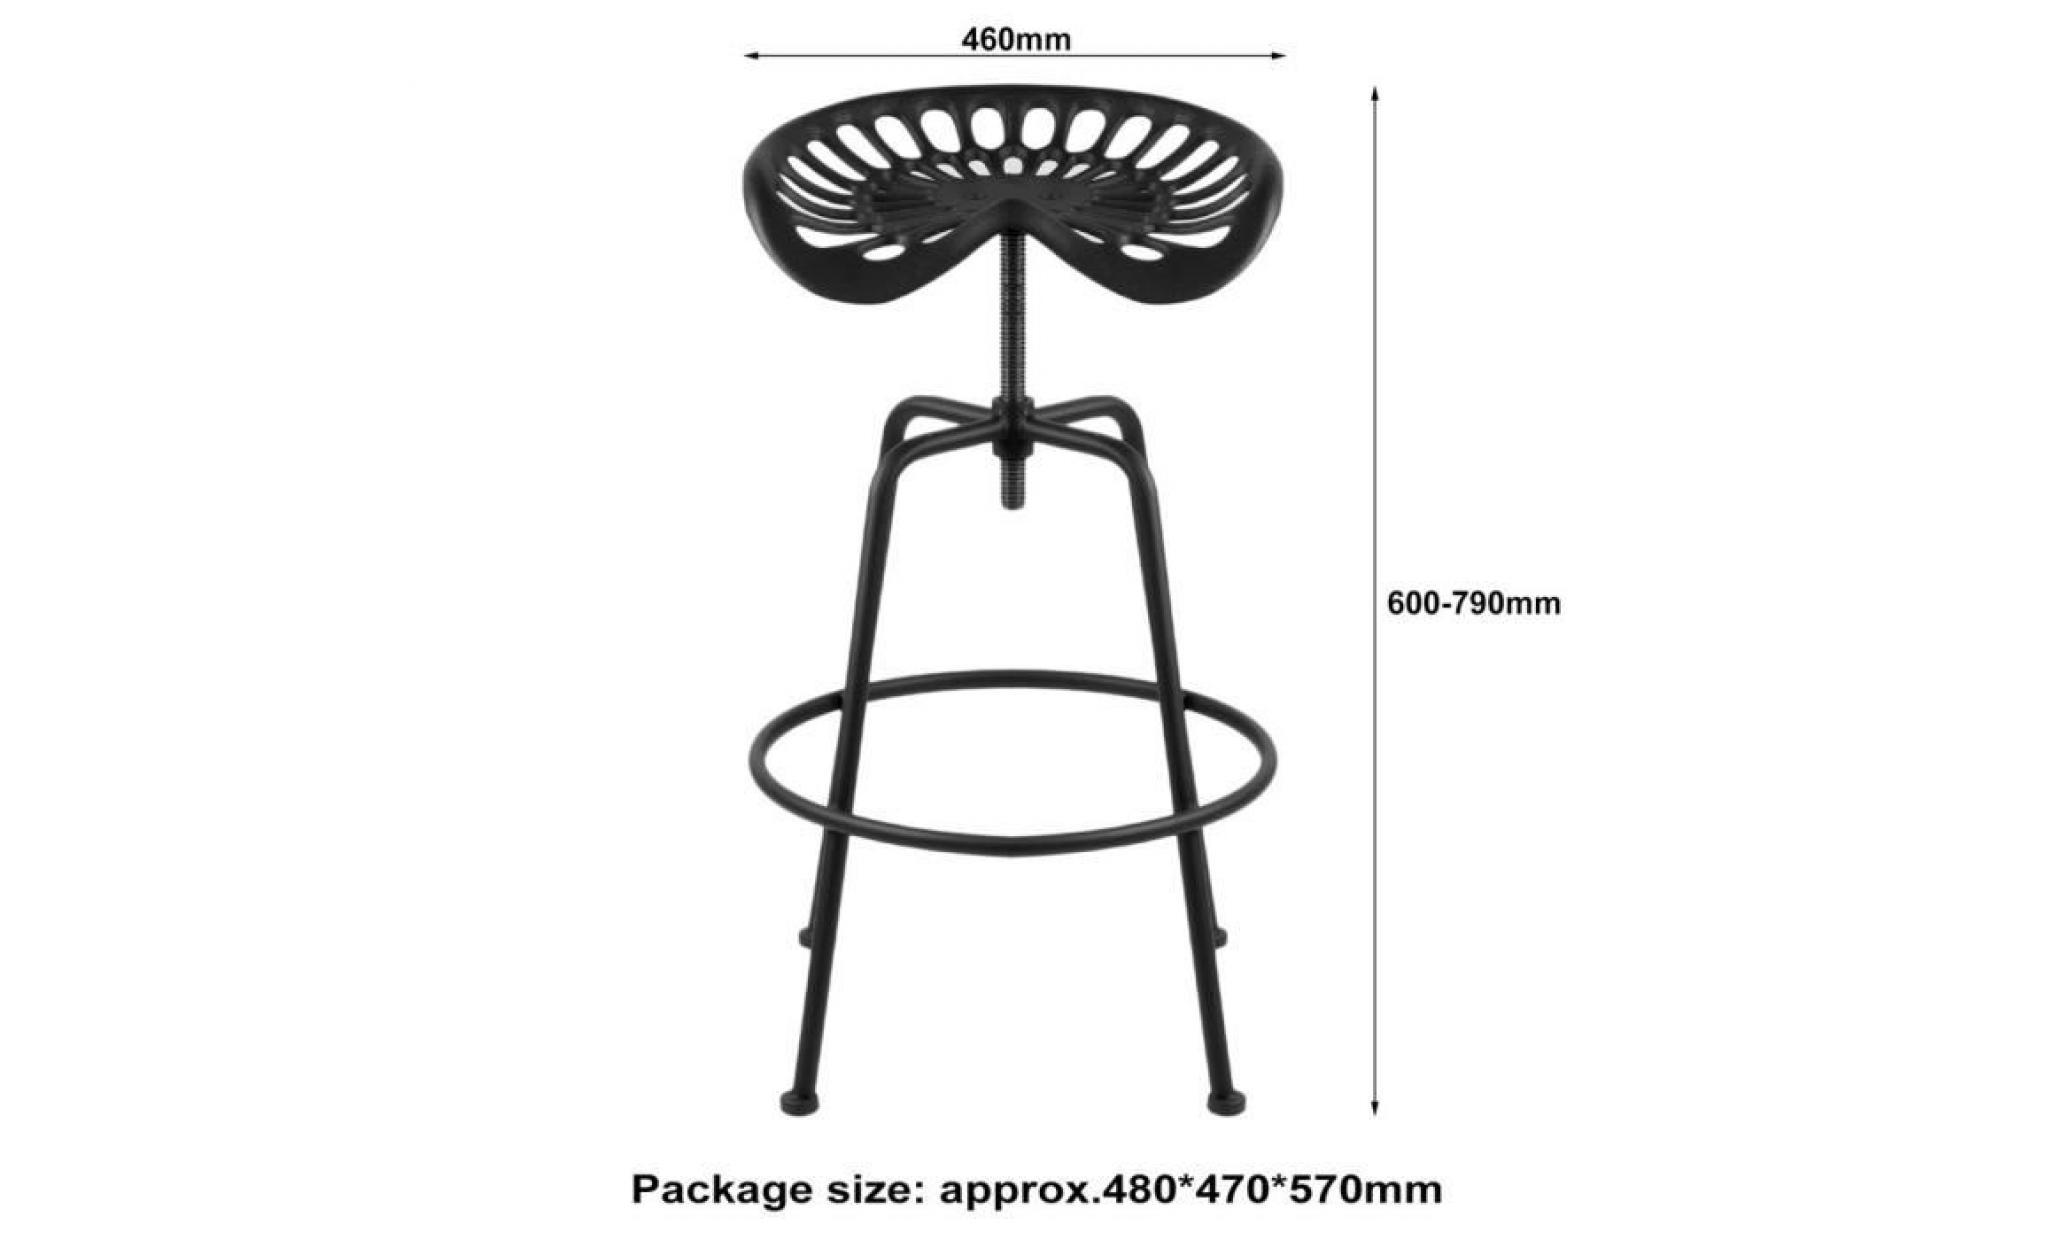 464660 siège tracteur 1pc chaise hauteur bar 79cm réglable de de de tabouret industriel JclT1FK3